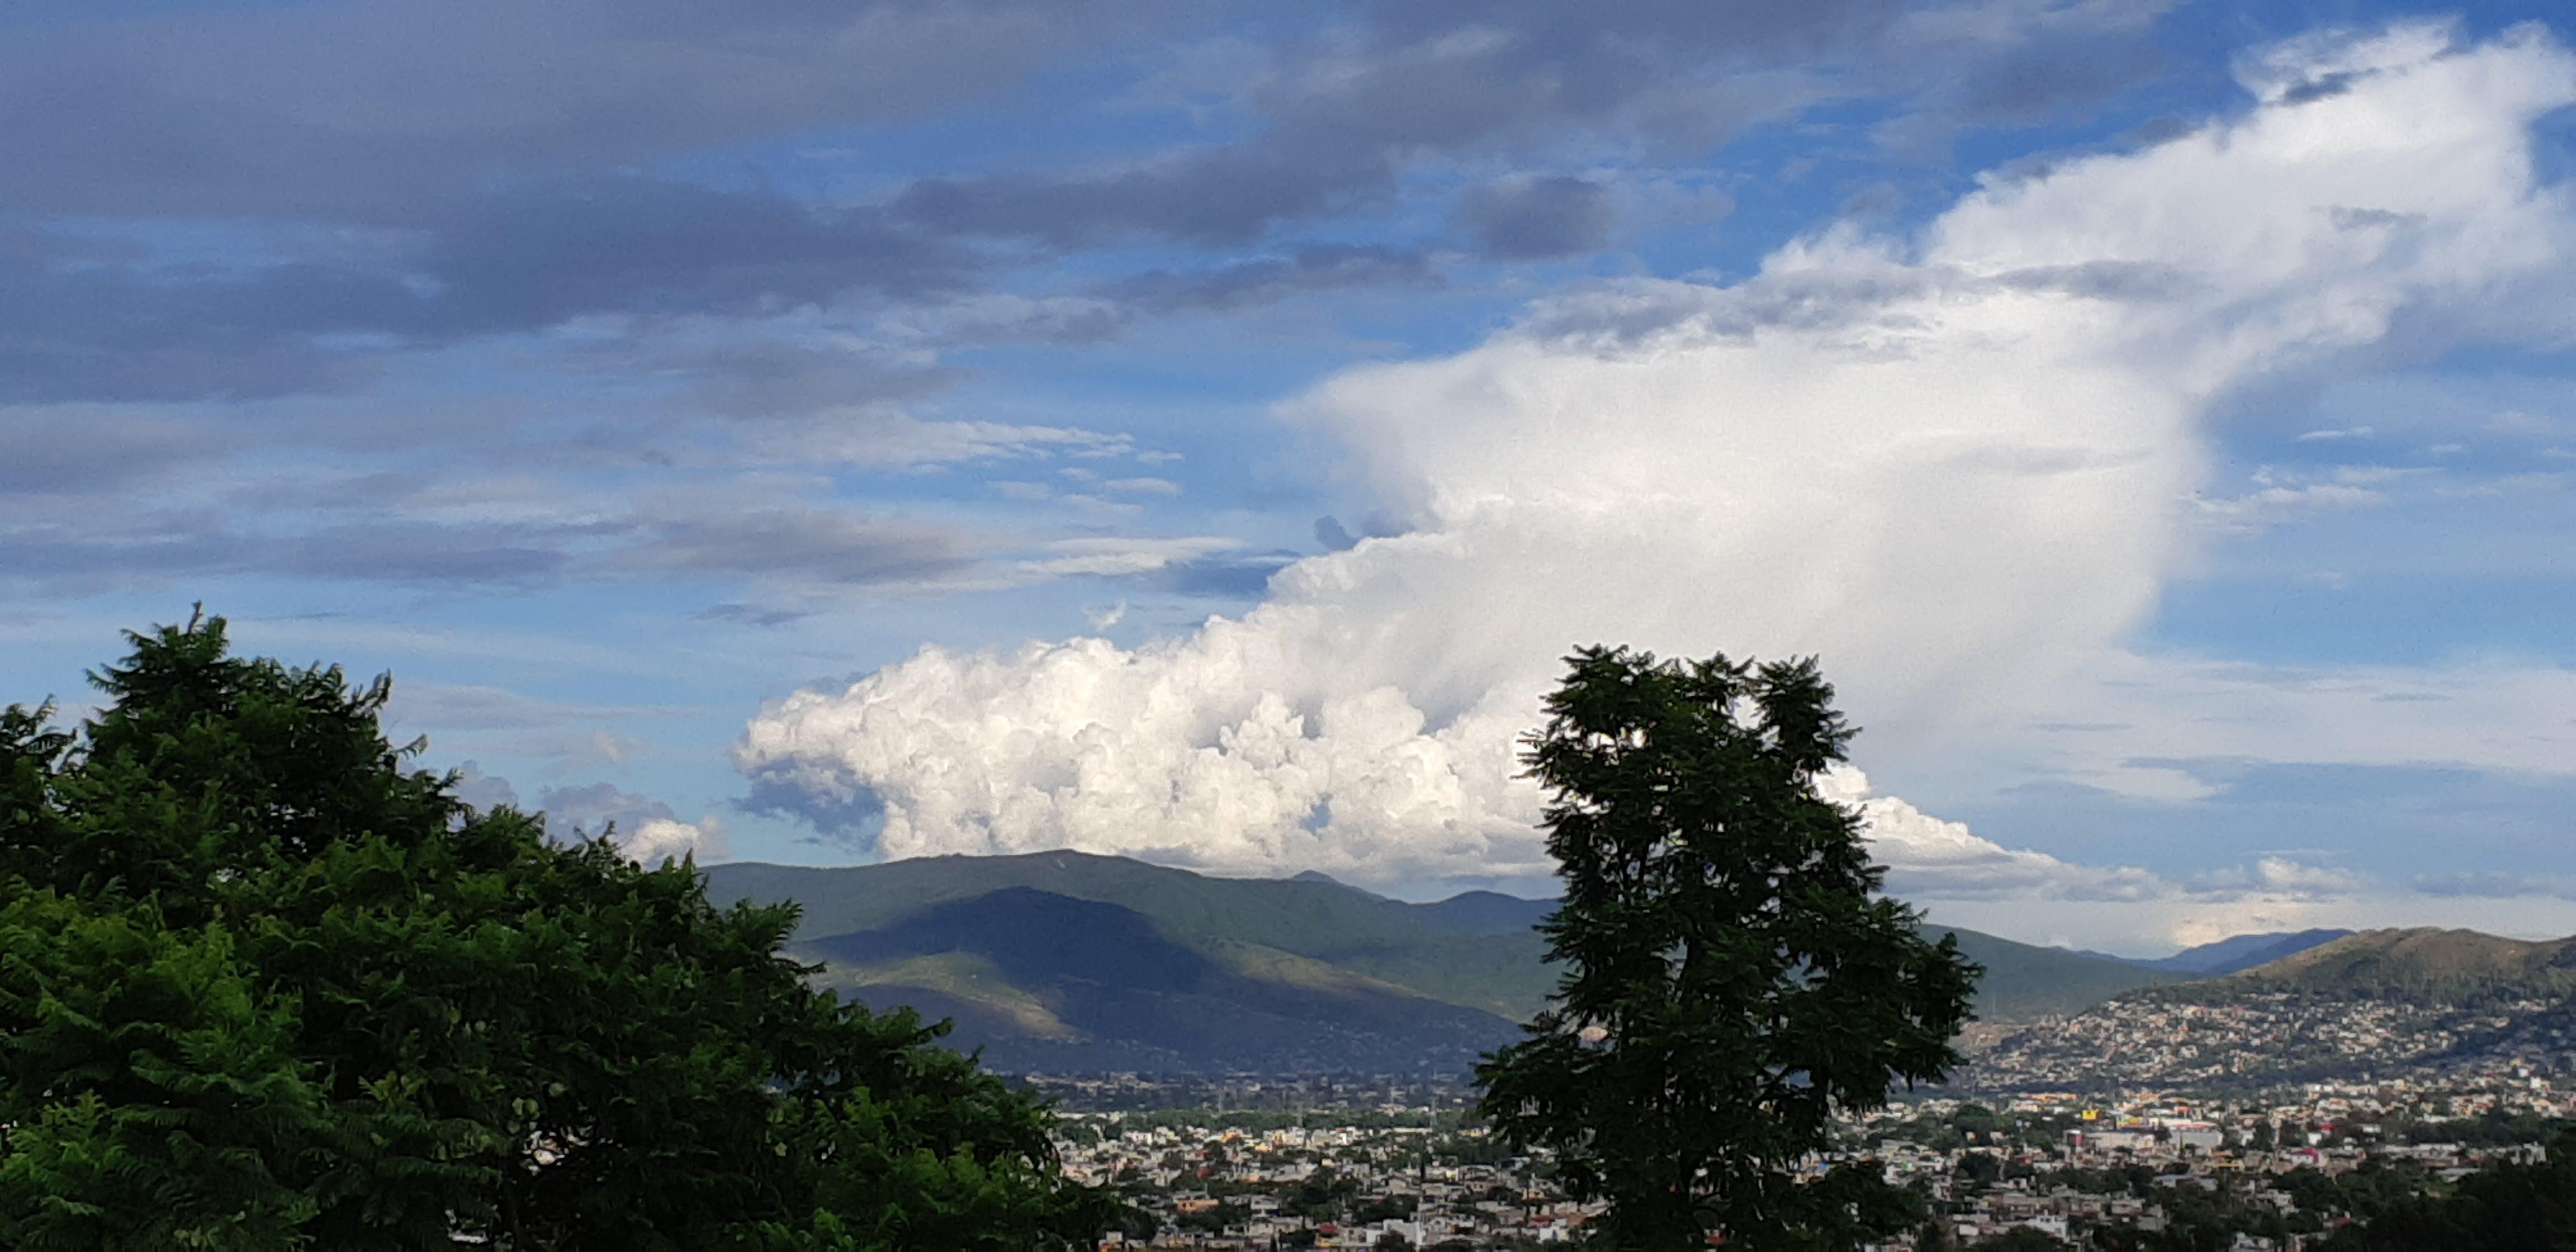 Free stock photo of nube